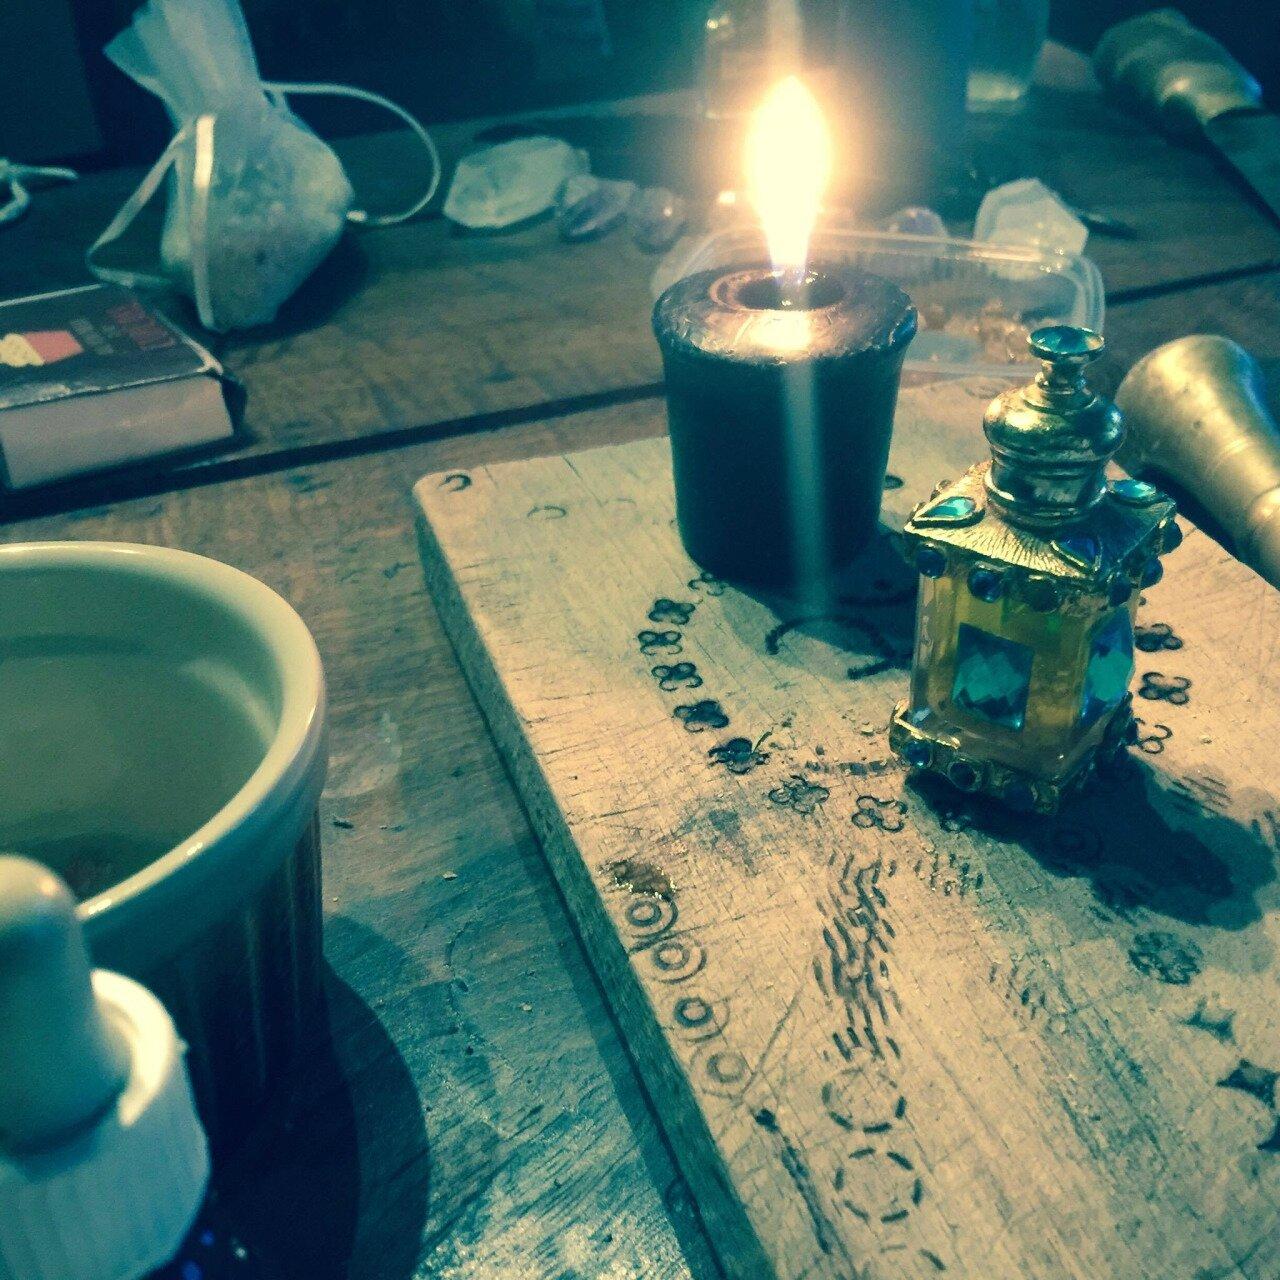 Huile magique pour bénir vos objets ou votre foyer